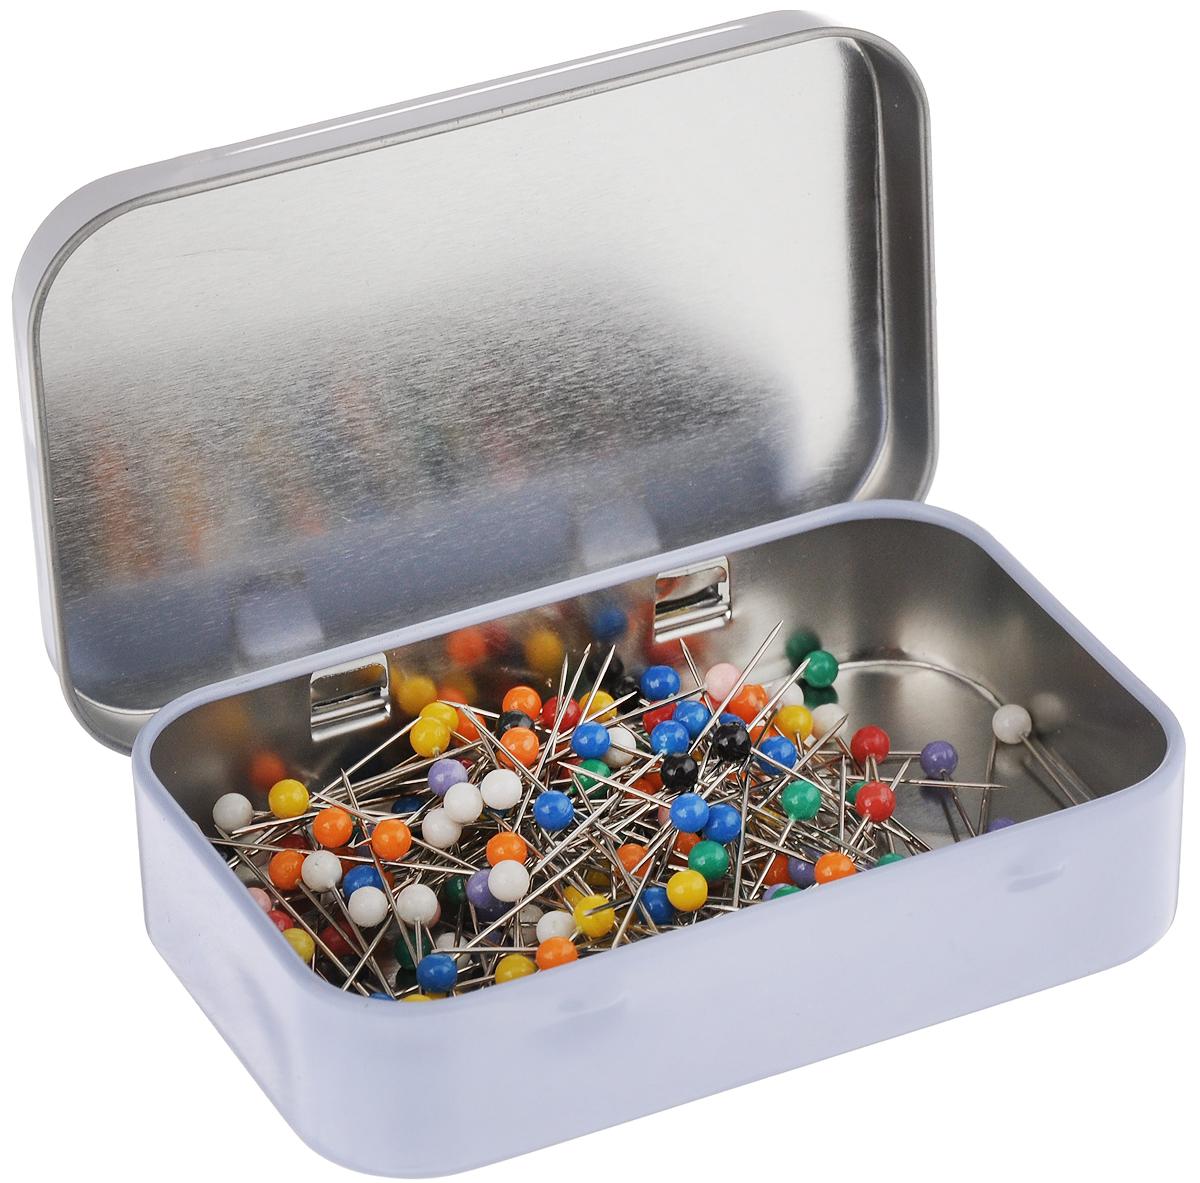 Булавки портновские Hemline, в коробке, 200 шт булавки для шитья gamma ромашка 40 шт